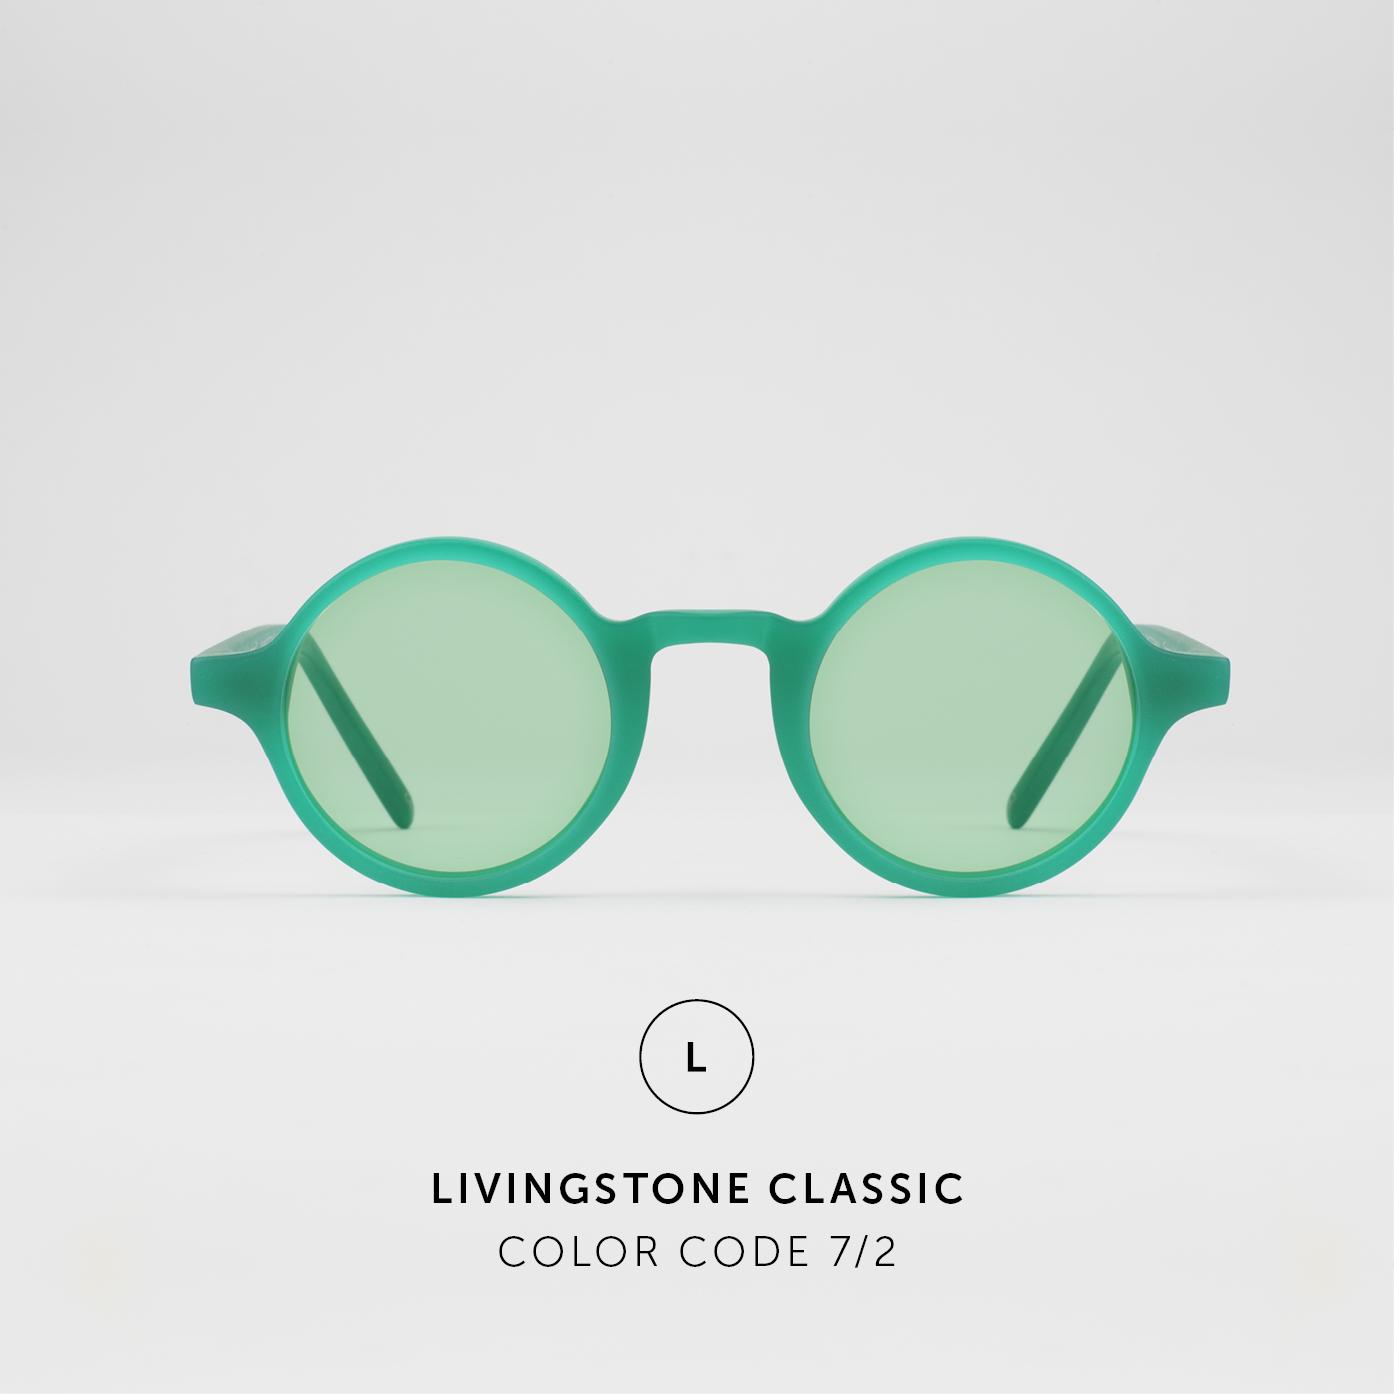 LivingstoneClassic40.jpg